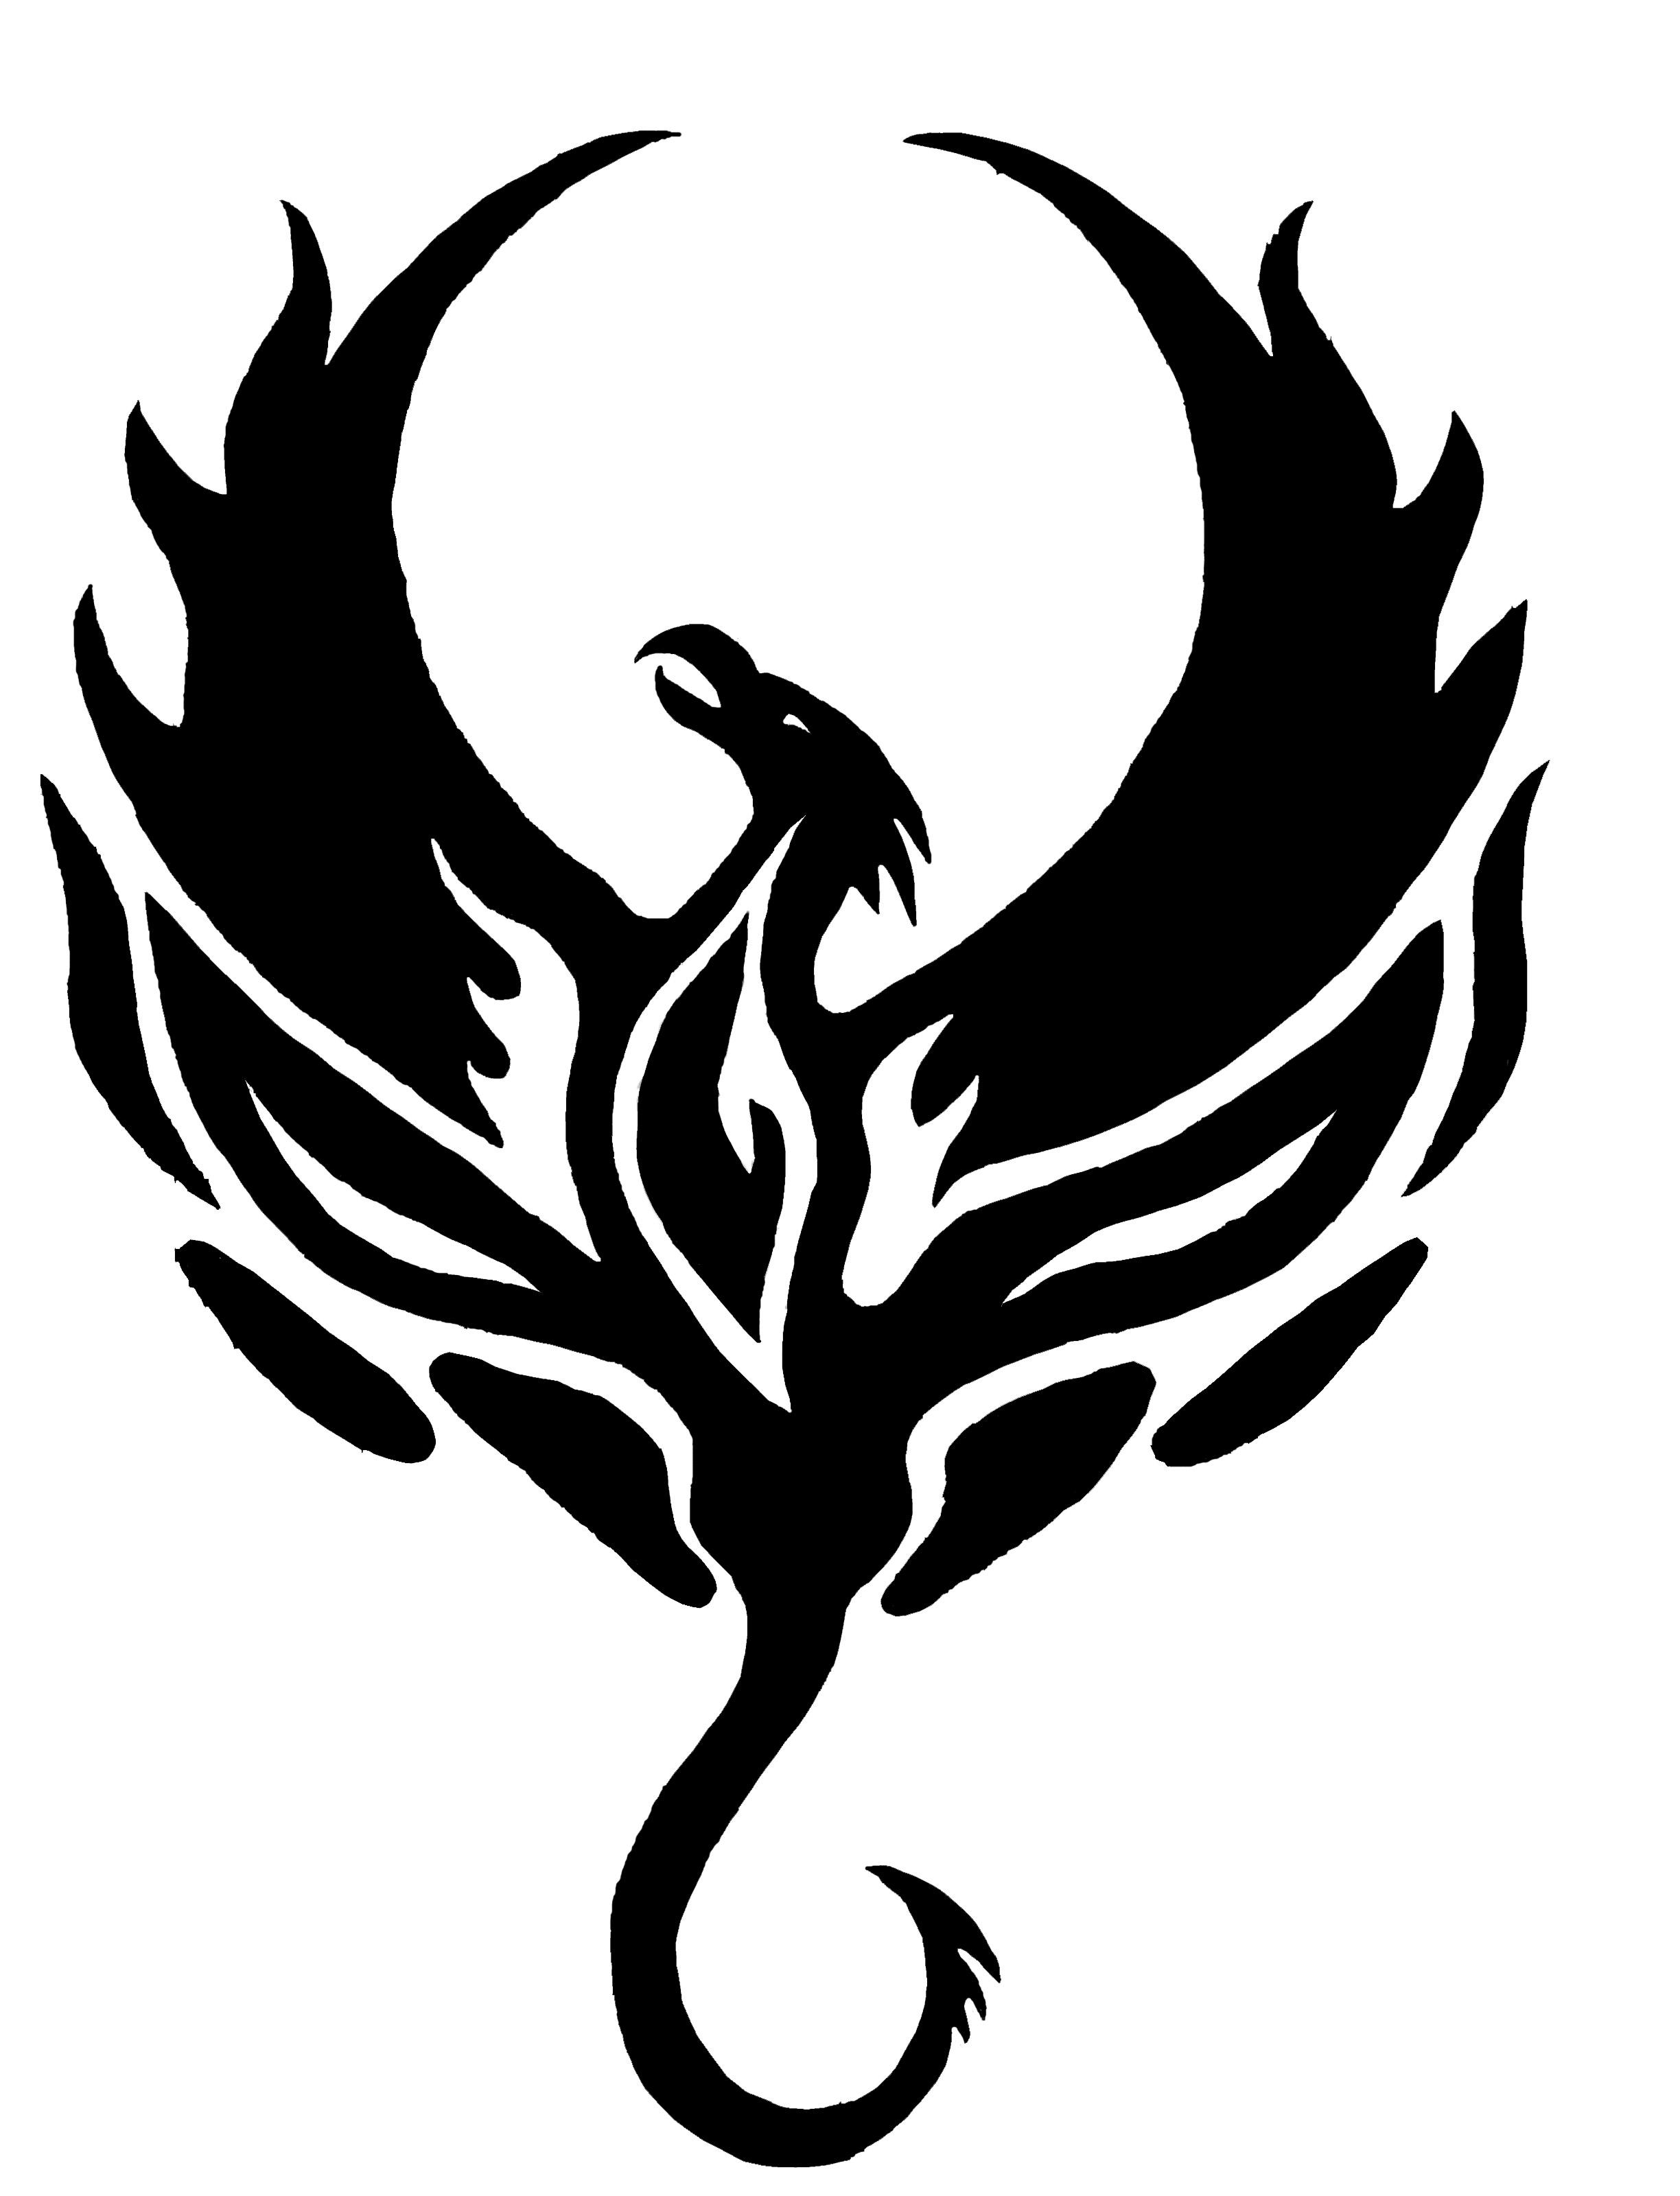 Anthony's Phoenix by angelic-euphoria on DeviantArt